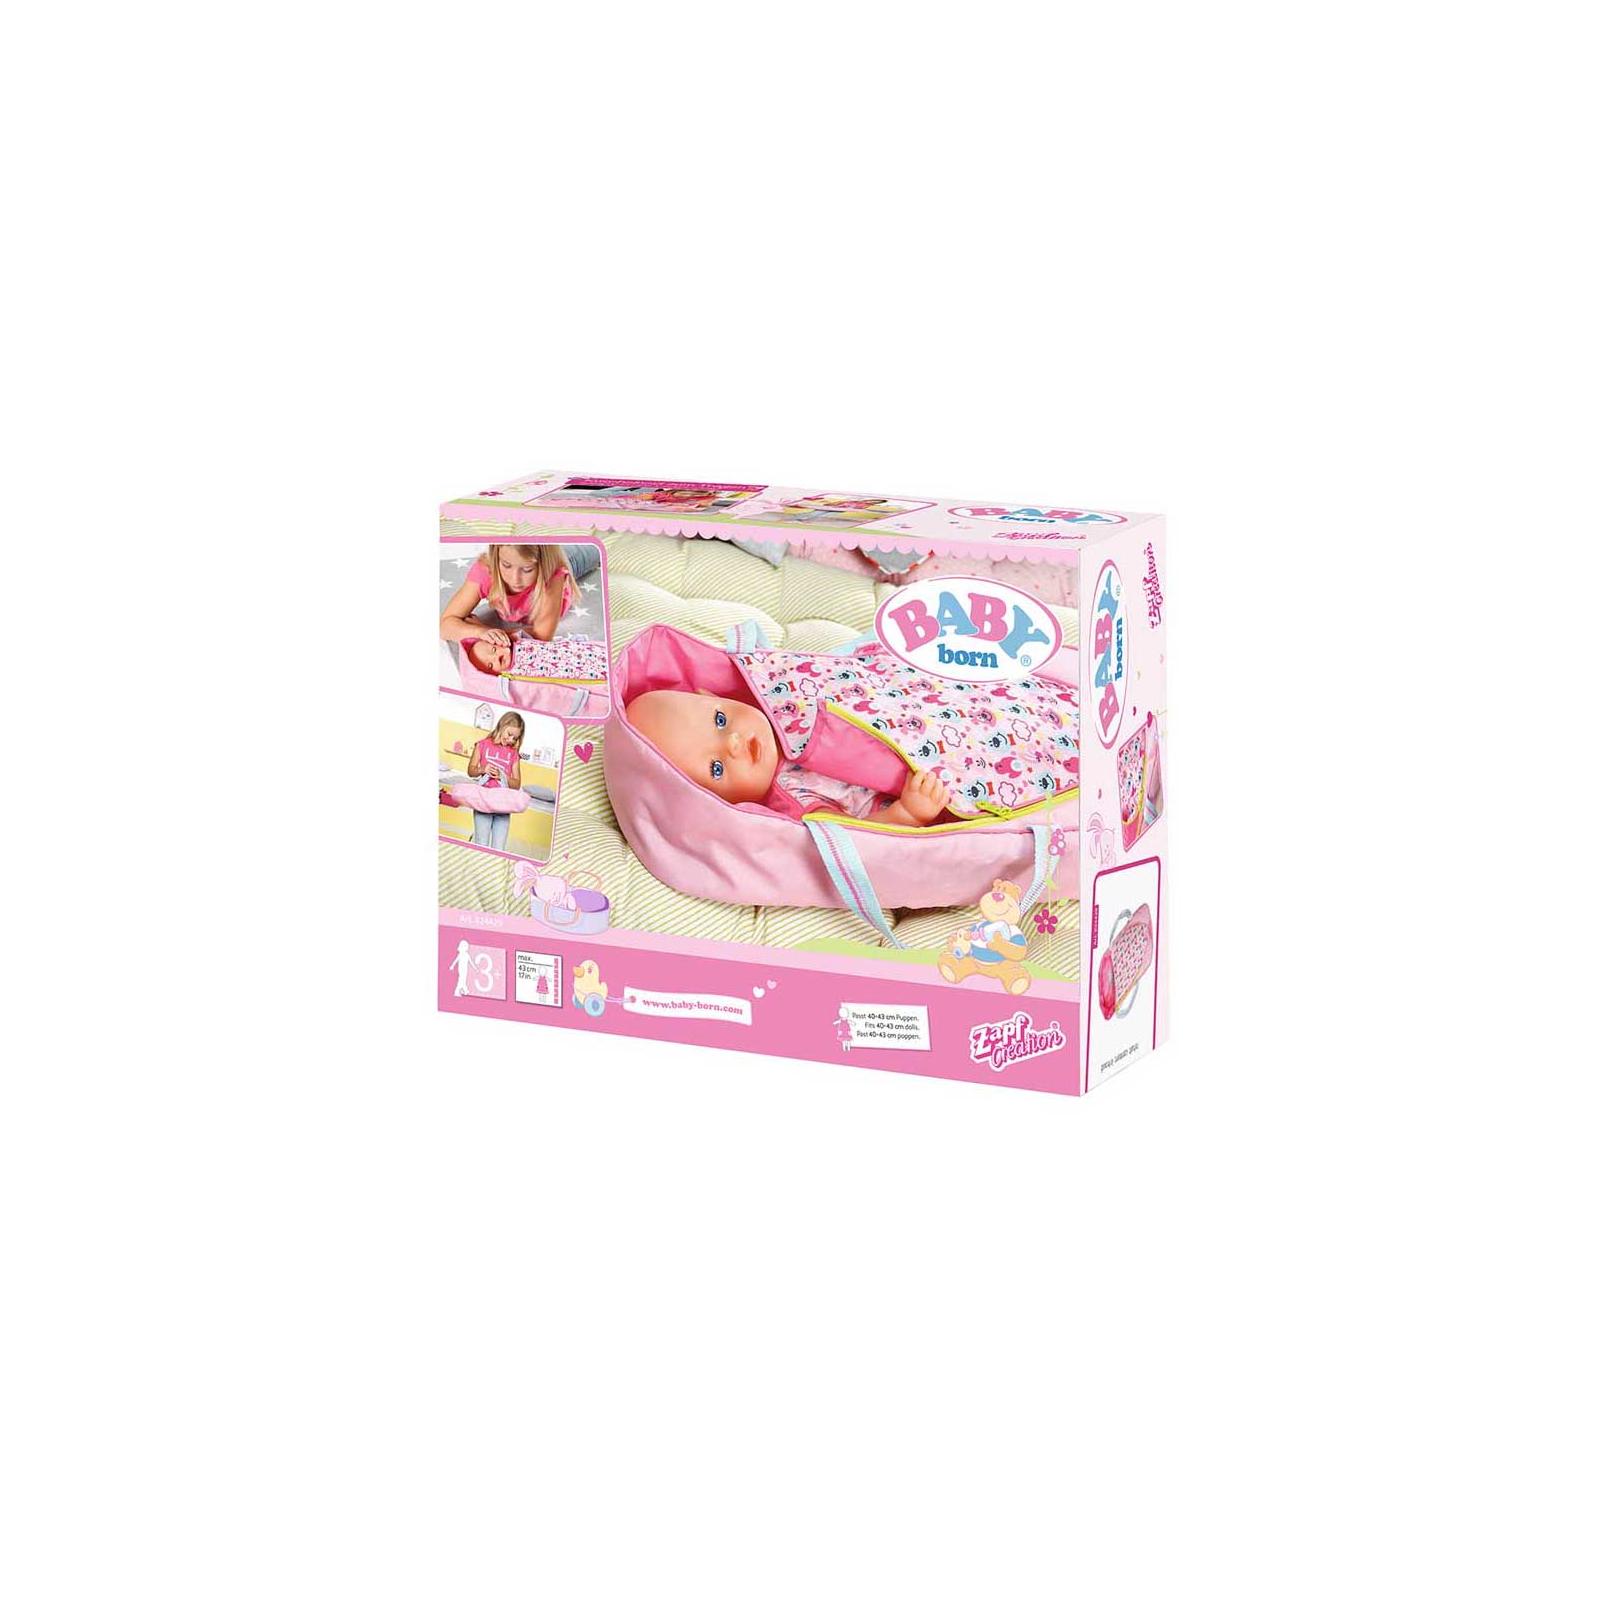 Аксессуар к кукле Zapf Люлька-переноска Baby Born 2 в 1 Яркие сны (824429) изображение 8